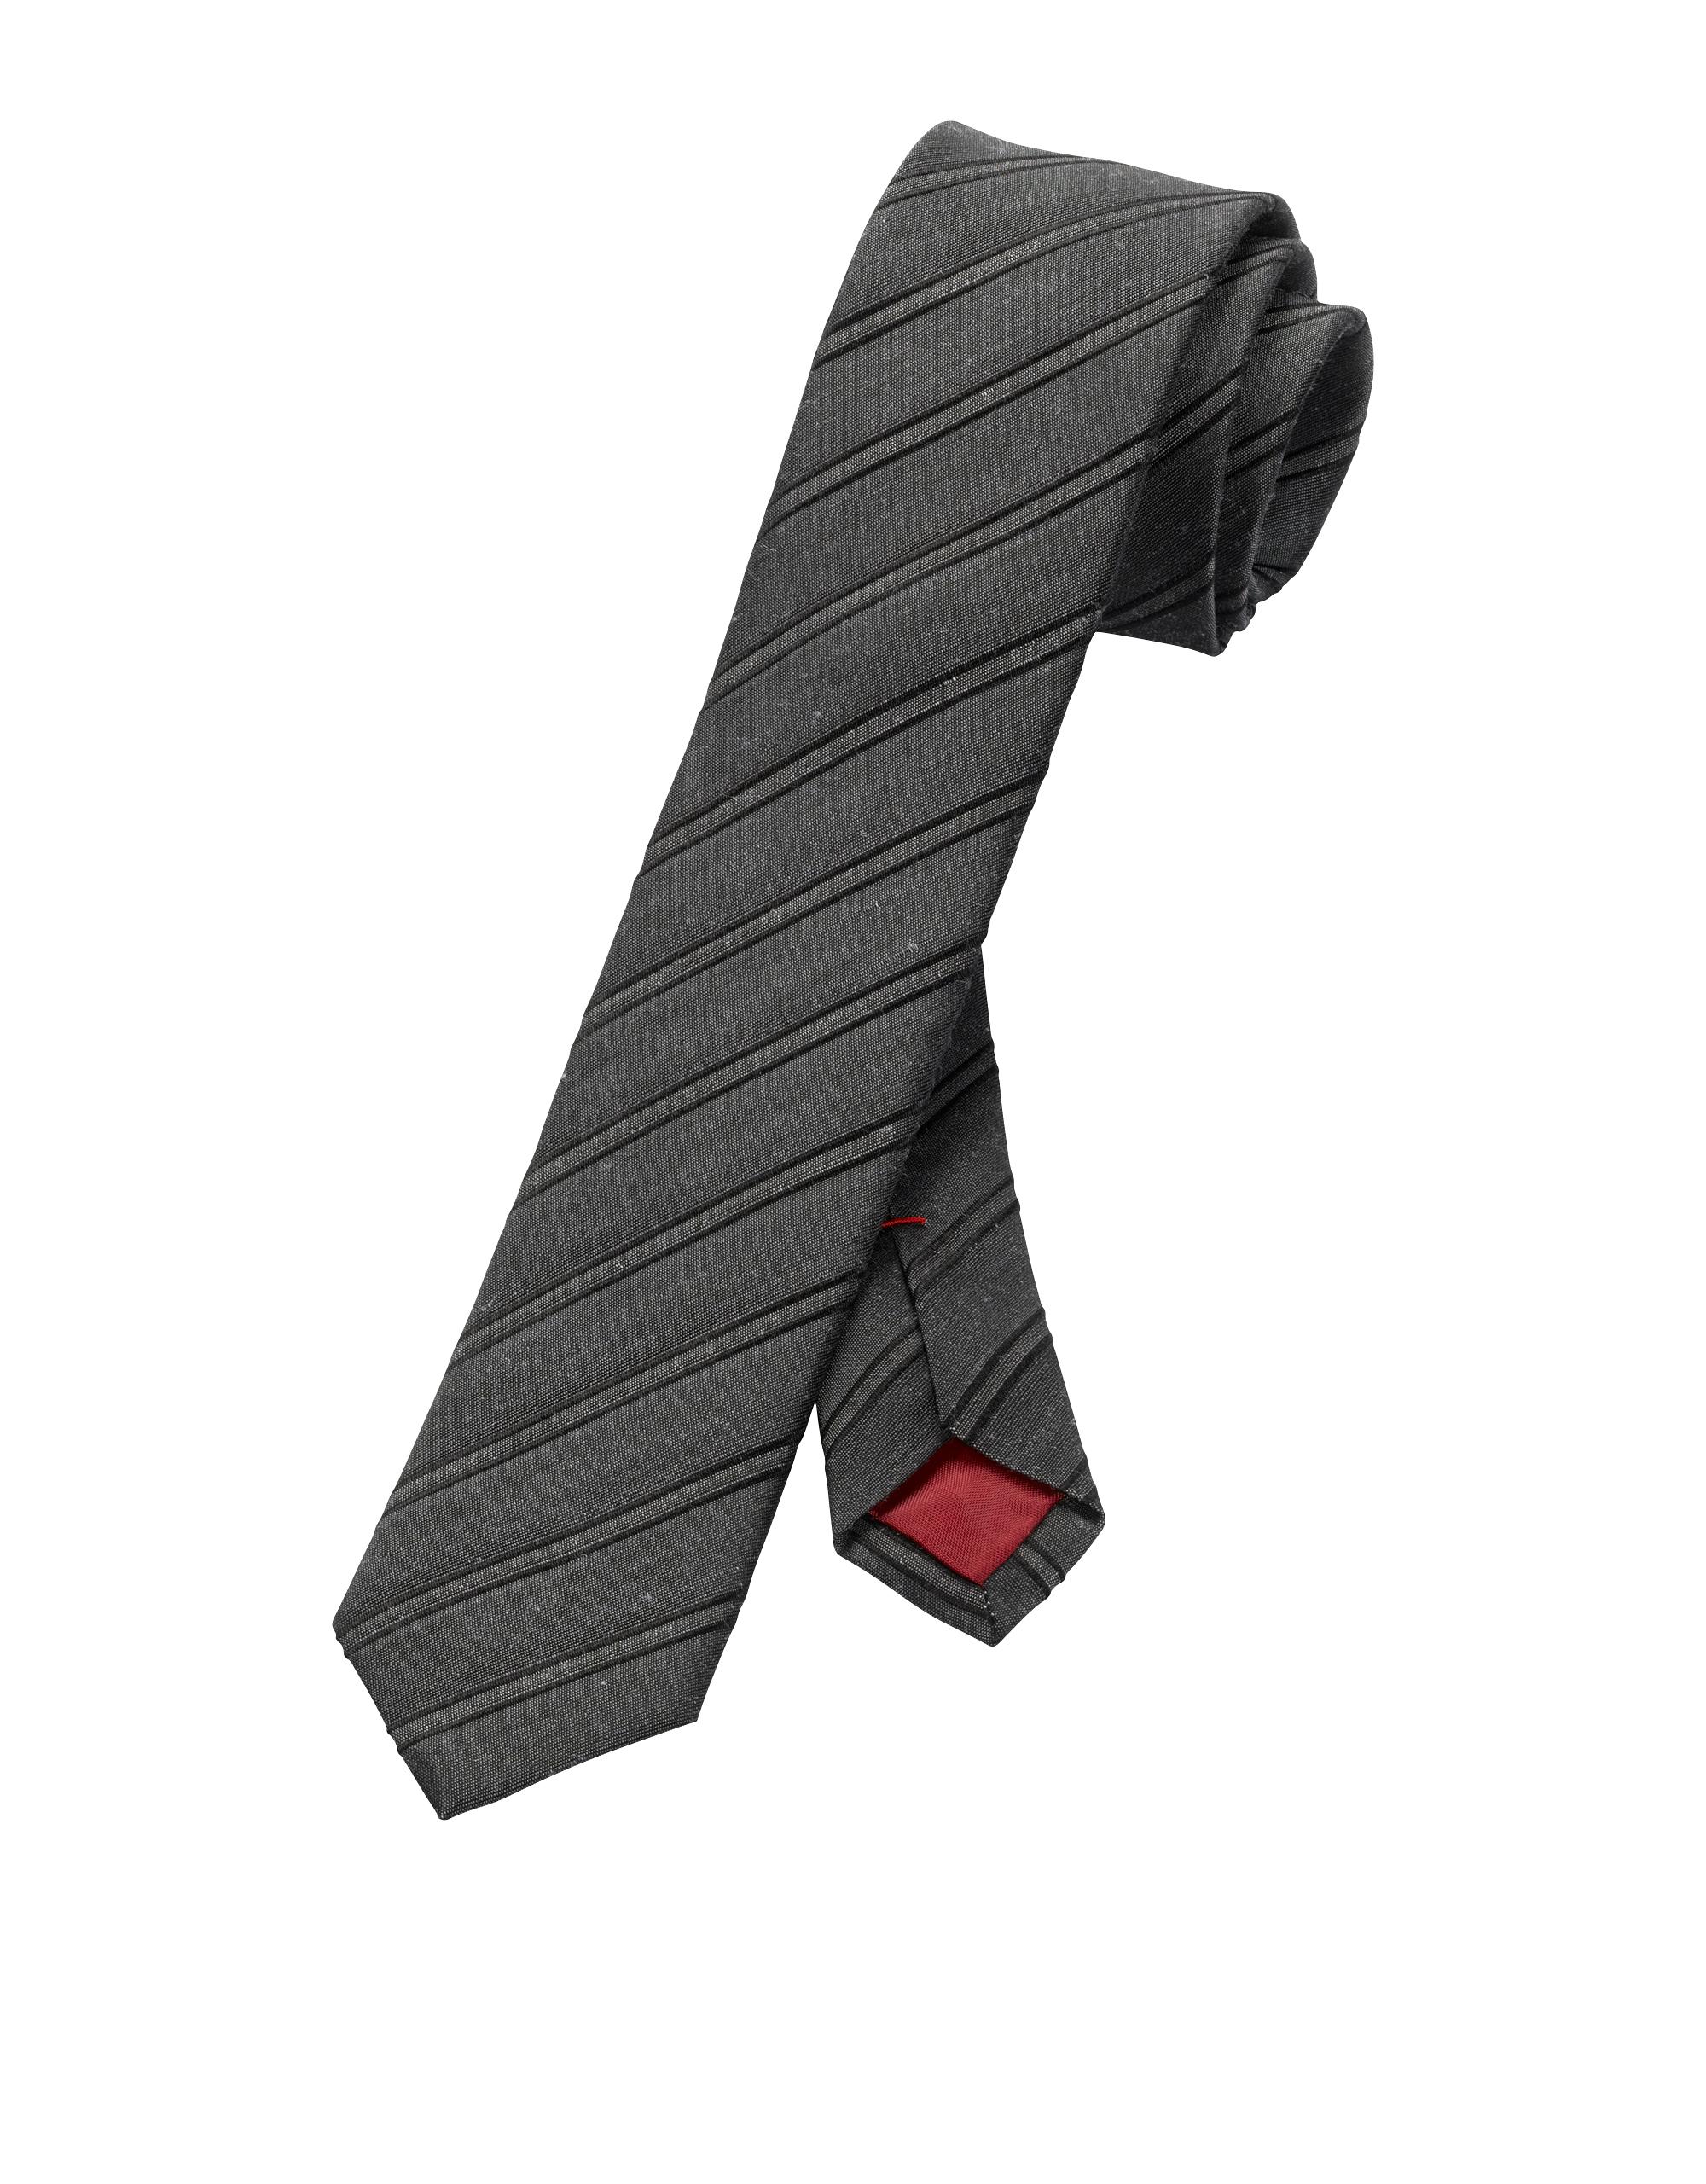 OLYMP  Krawatte, Grau, | Accessoires > Krawatten | OLYMP